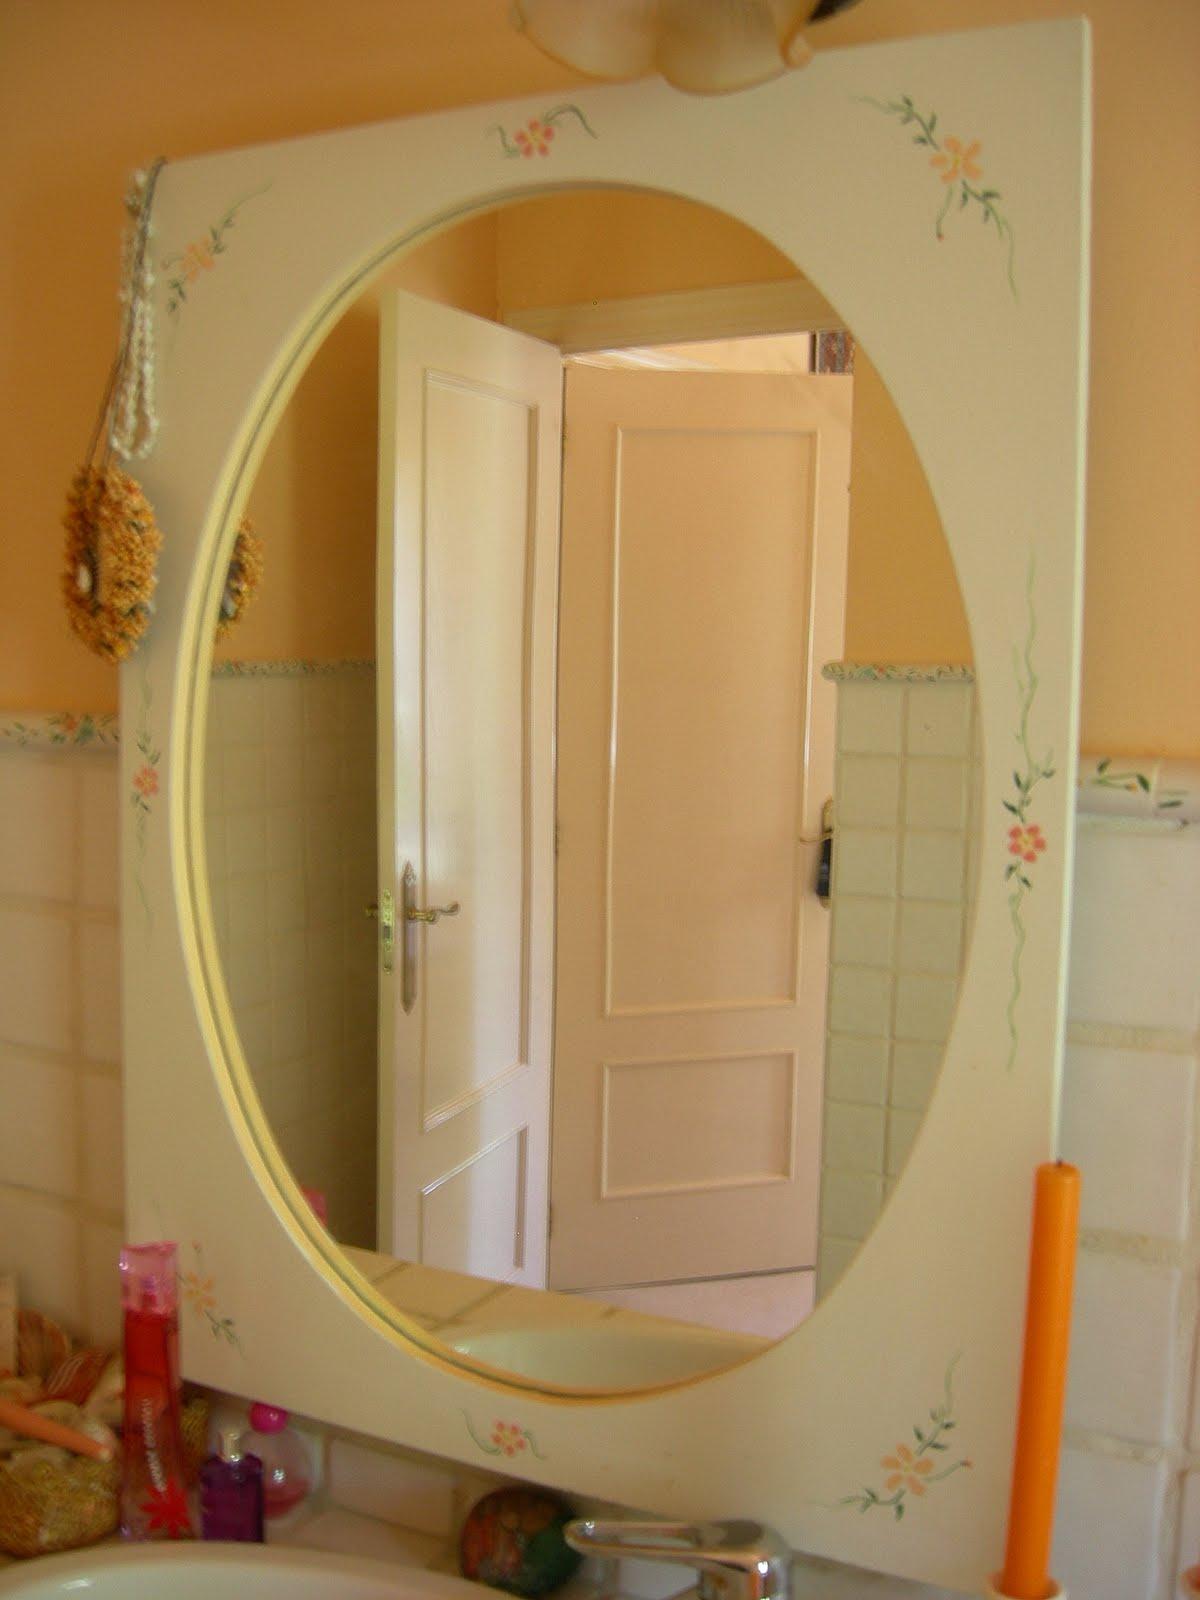 Kedibu murales y objetos decorativos marco espejo ba o for Espejos murales decorativos